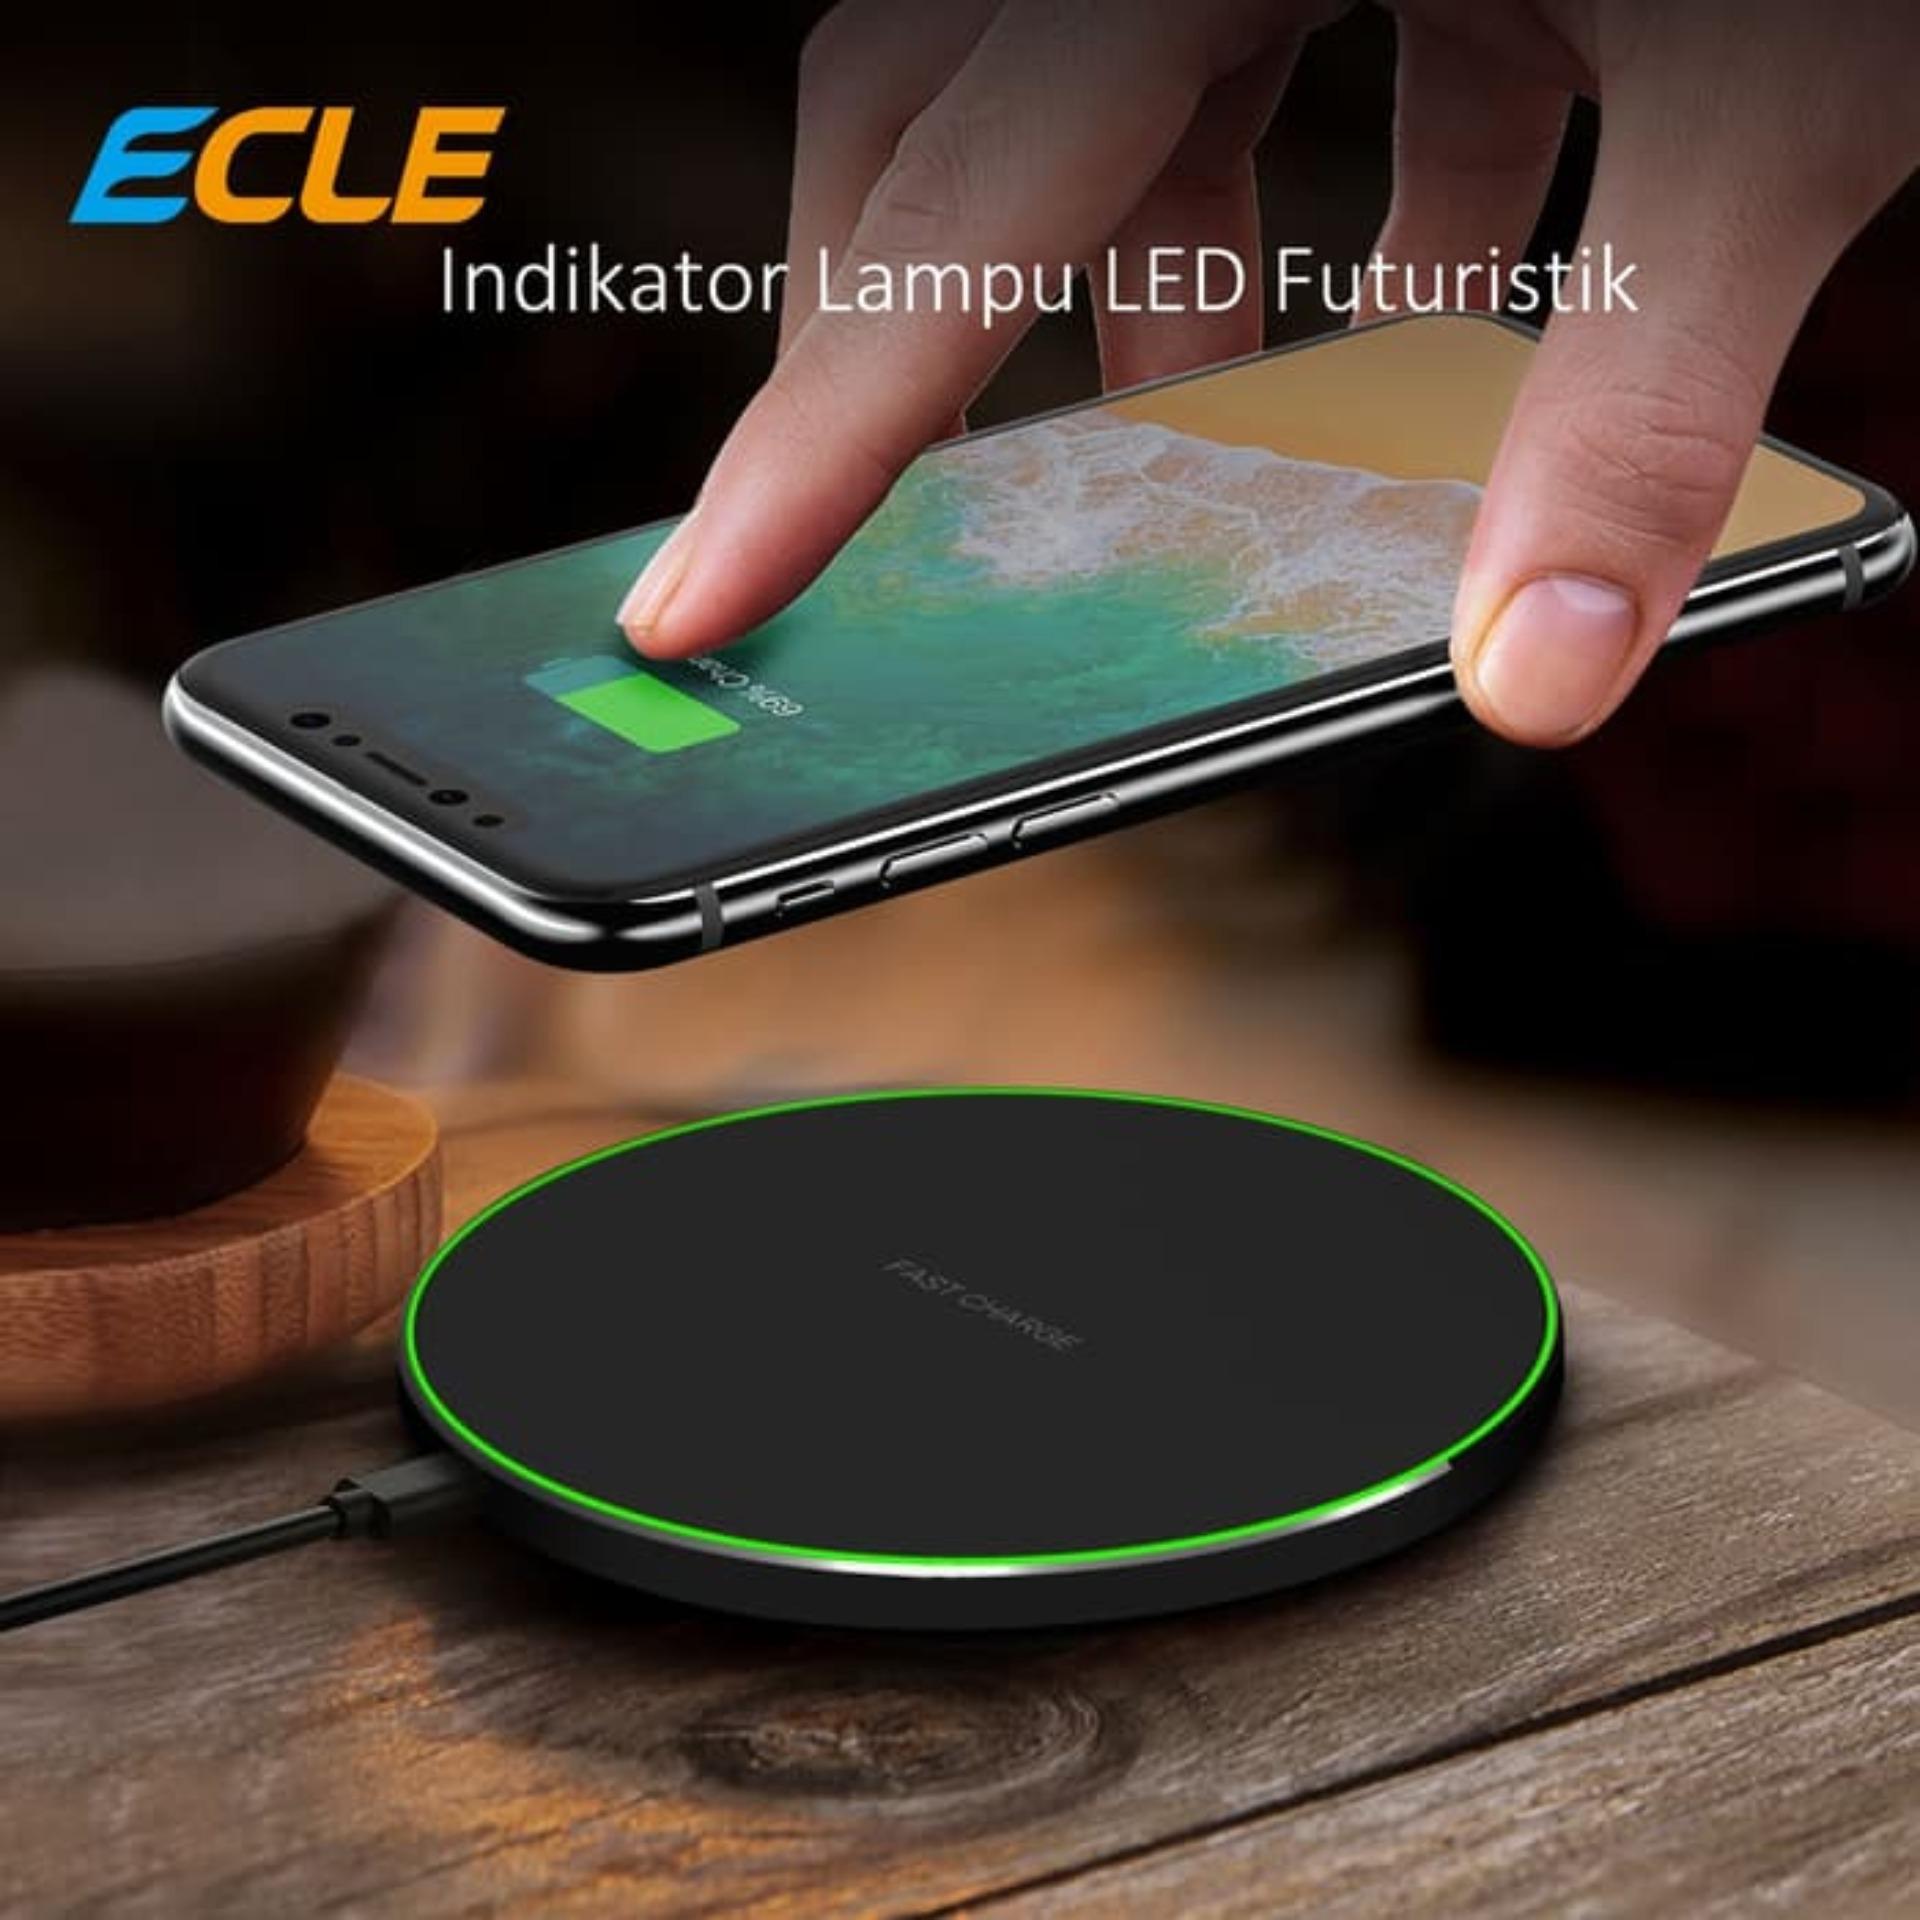 ECLE Wireless Charger Original, Pengisian Daya Cepat, Mudah Dibawa  (Portable), Cocok untuk iPhone XR/XS Max/XS/X/8/8 Plus, Samsung